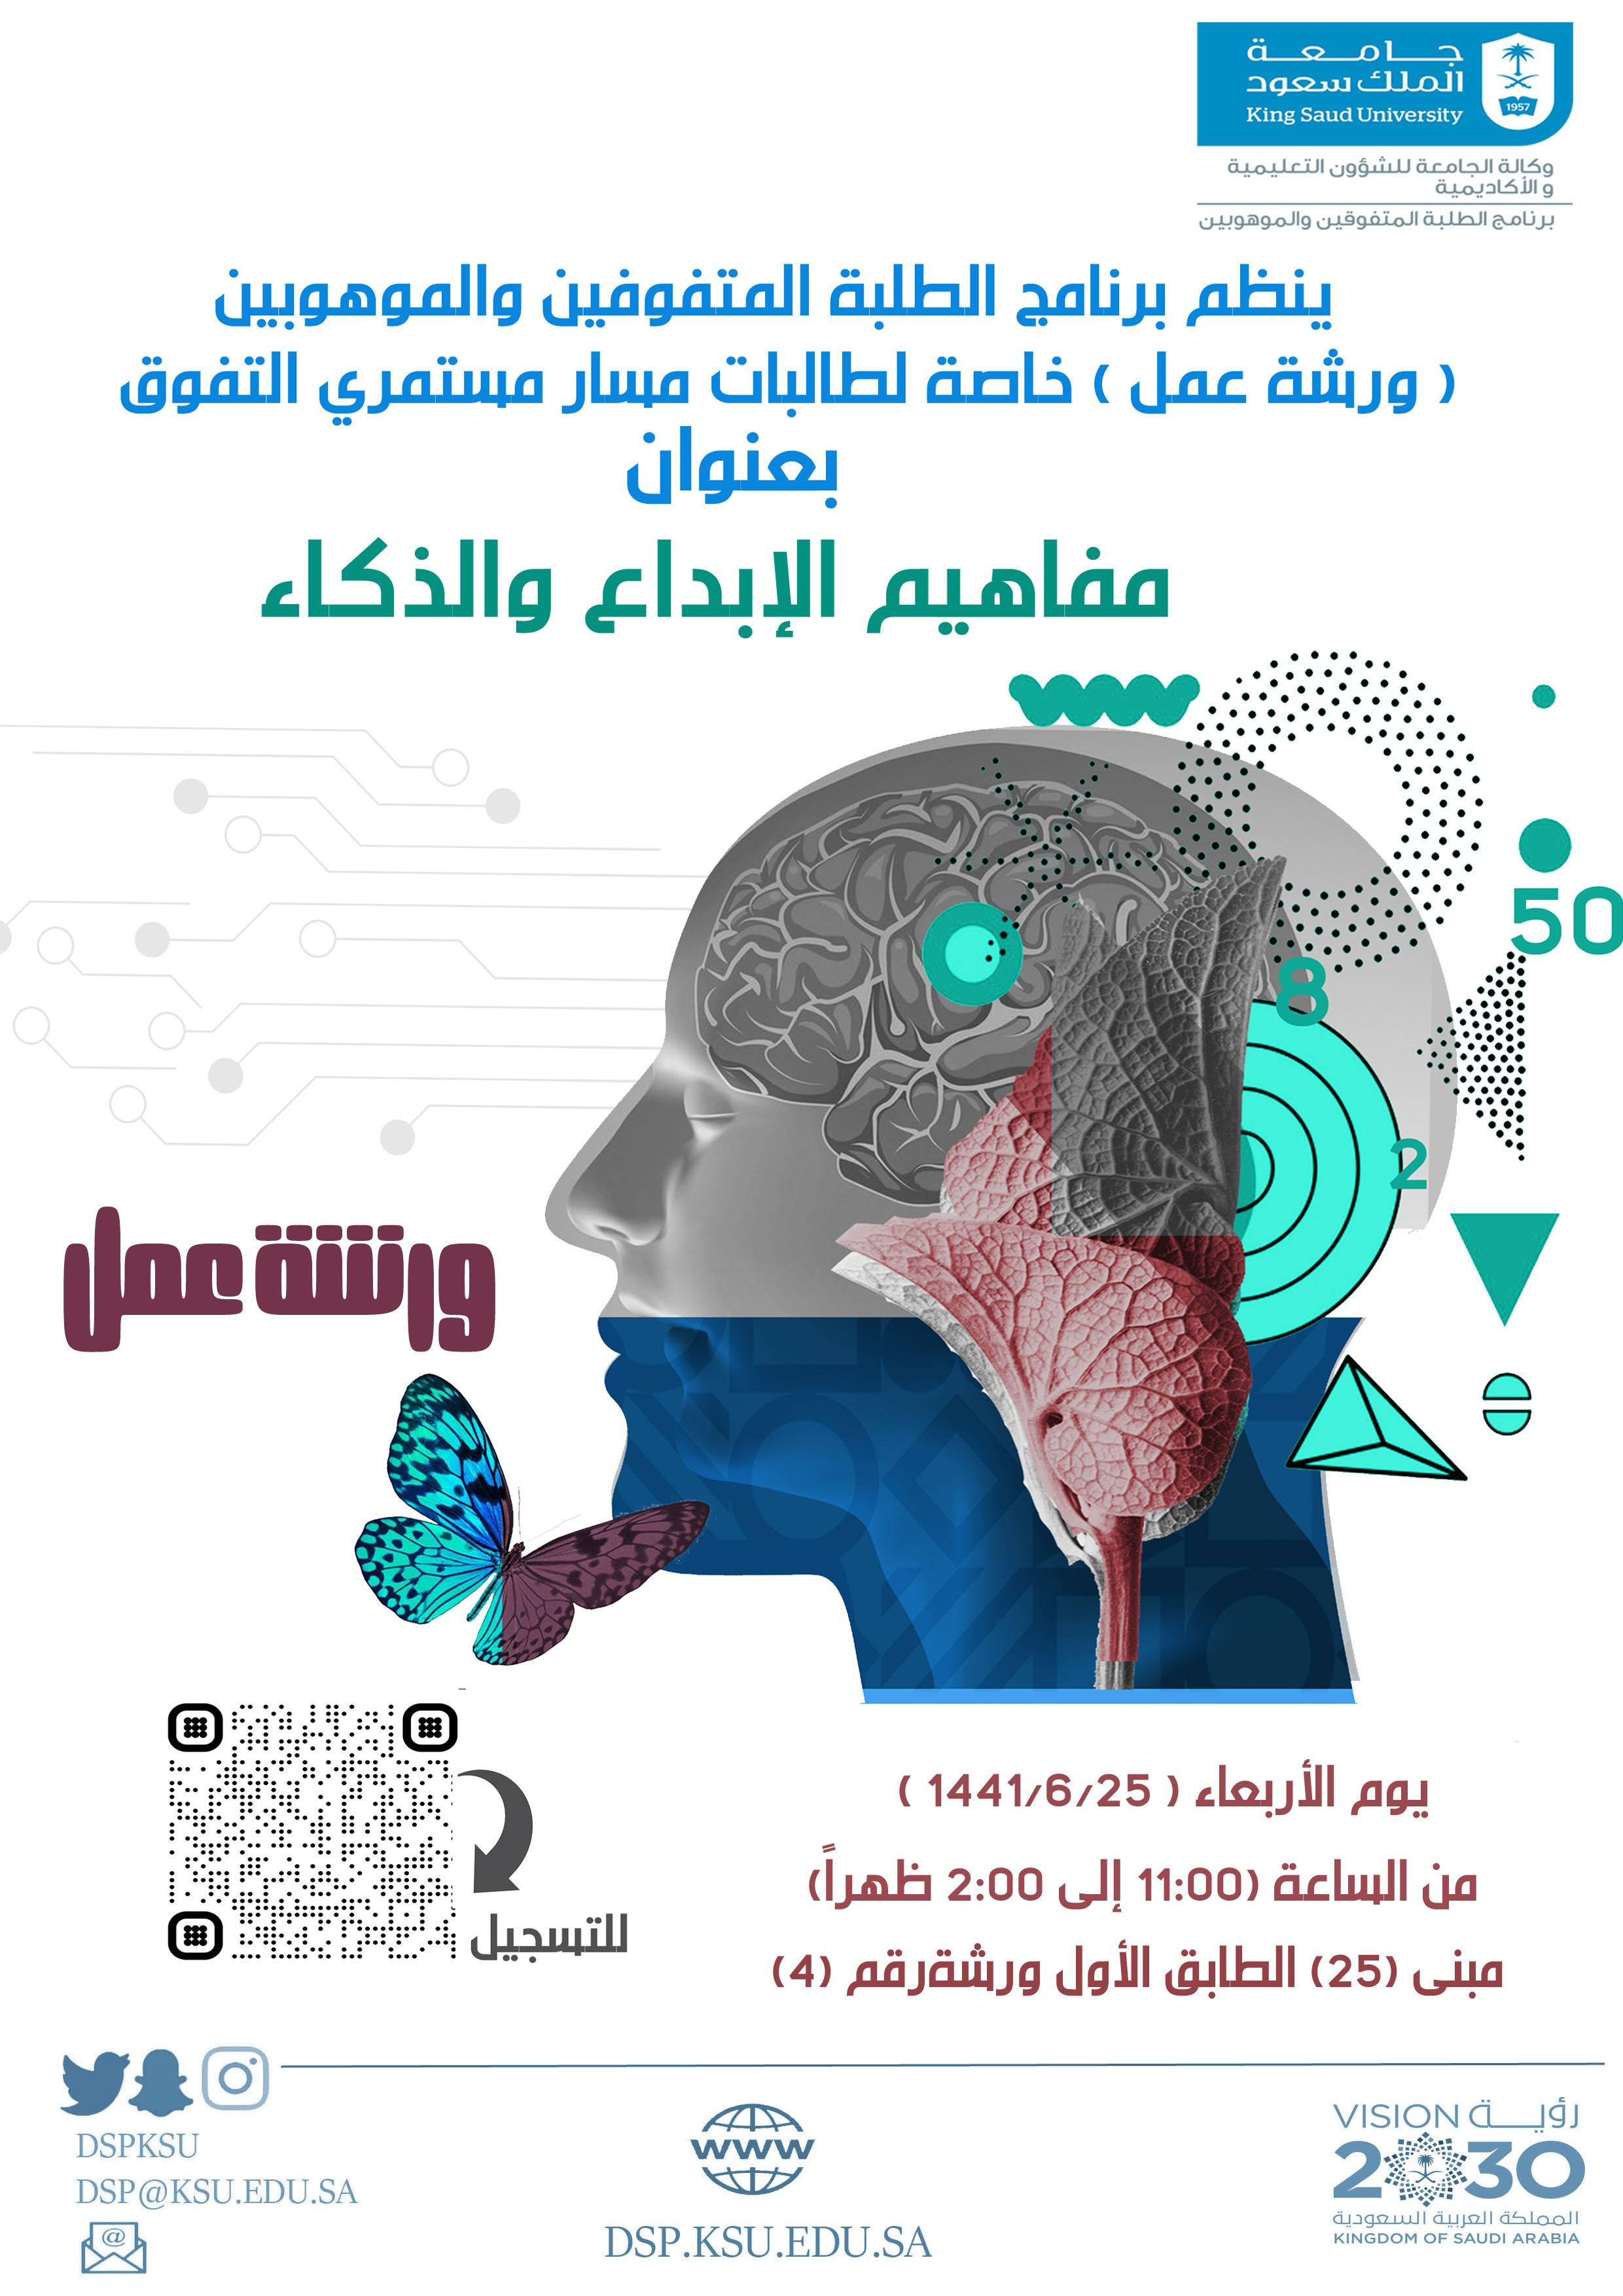 ورشة عمل مفاهيم الإبداع والذكاء